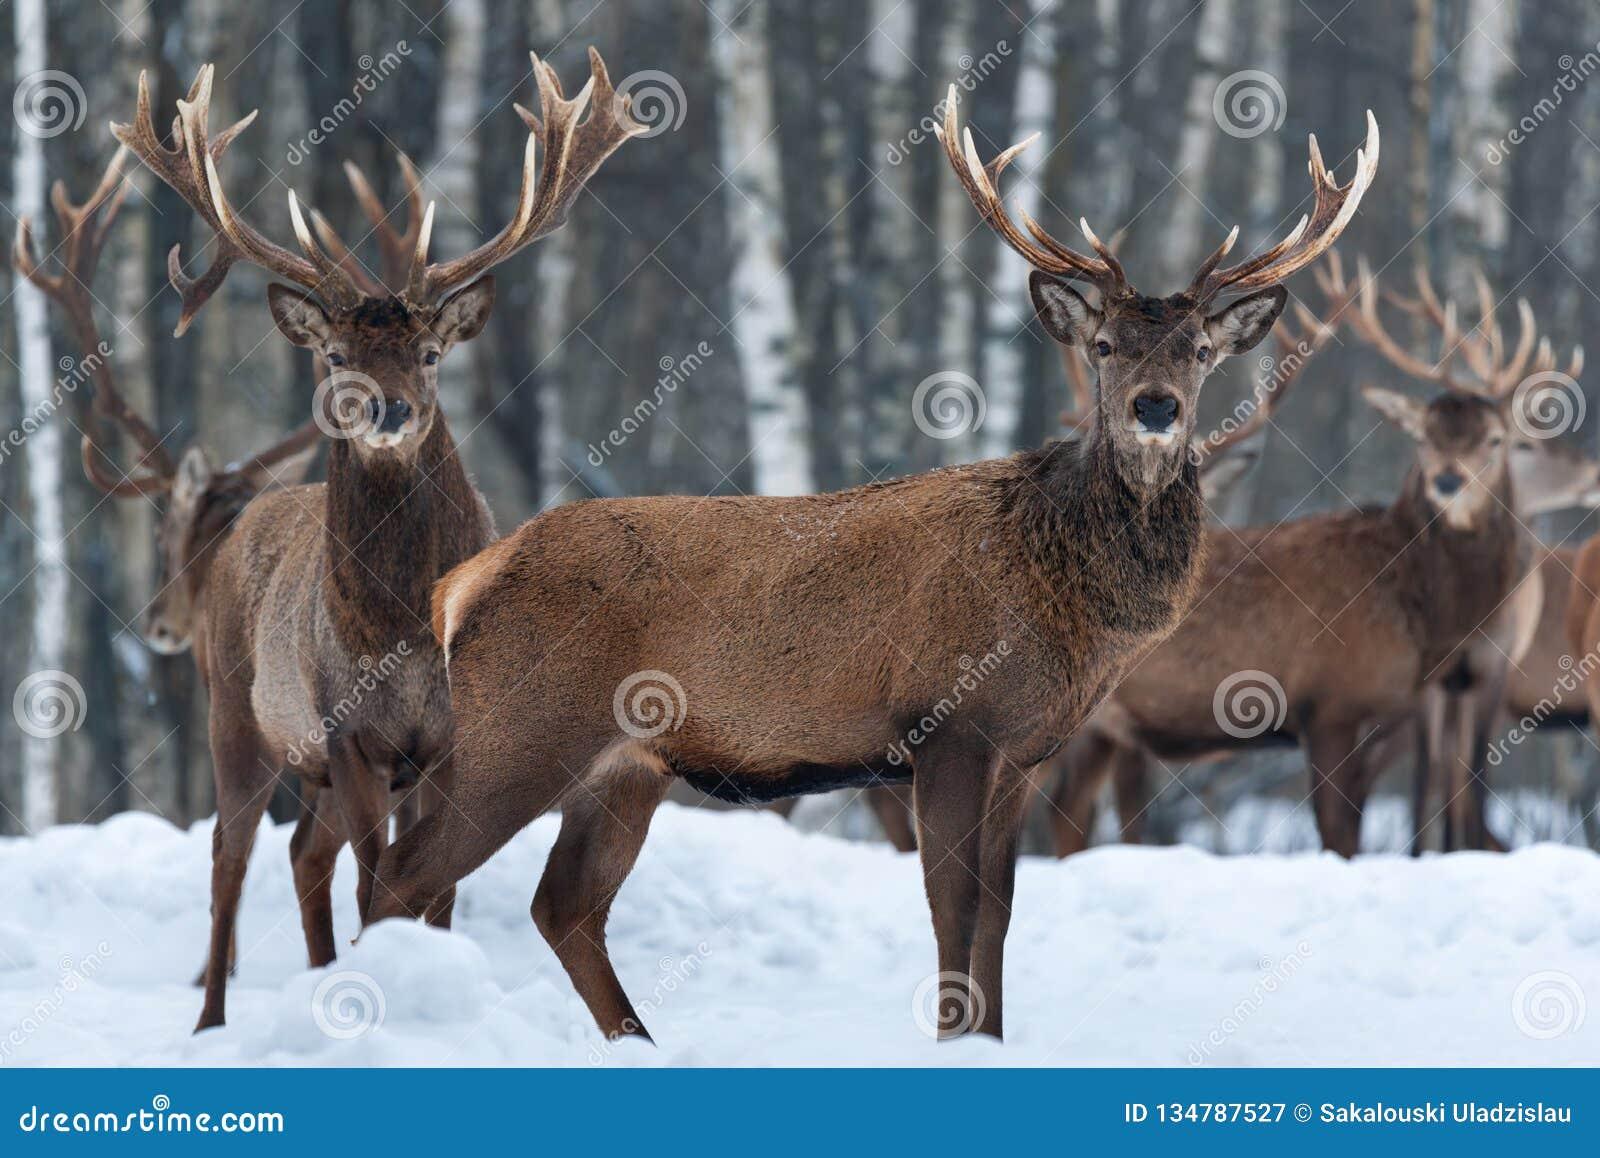 Stado Szlachetny Jeleni Cervus Elaphus W Naturalnym siedlisku W zima czasie: Jeden samiec Stoi Z ukosa W profilu, Inny - przód